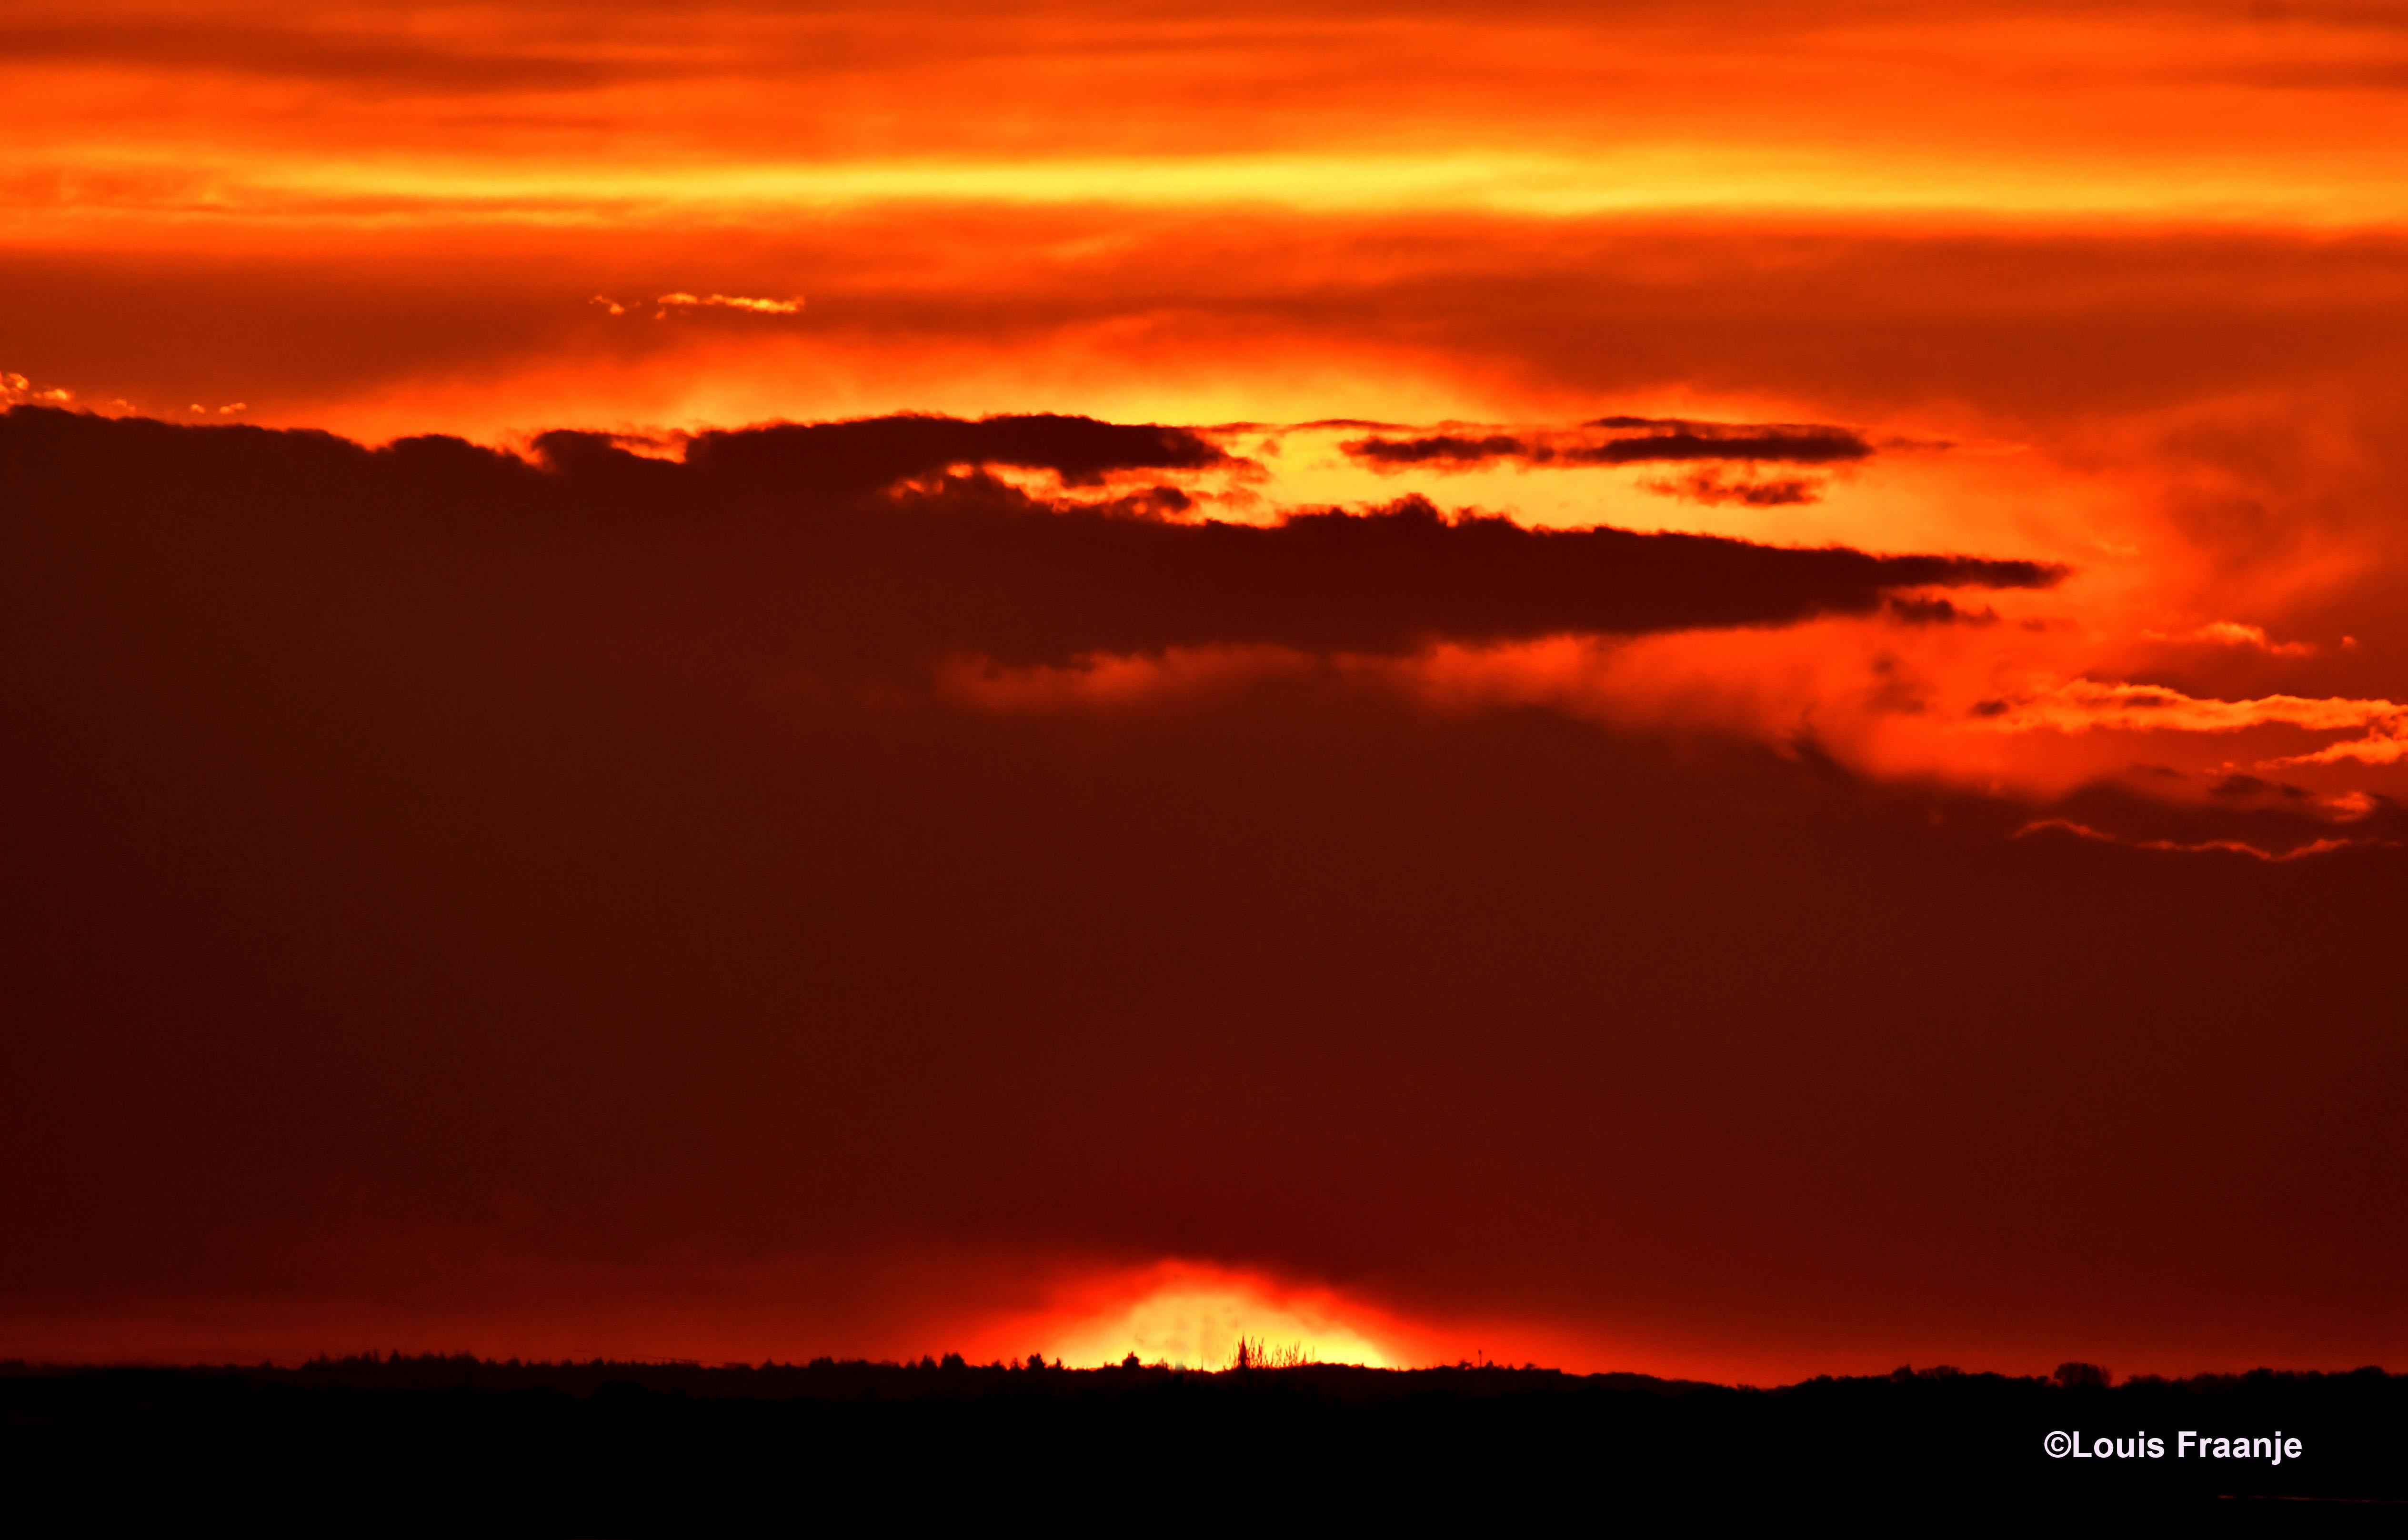 Prachtige avondlucht als de zon bijna achter de horizon is verdwenen op de Veluwe - Foto: ©Louis Fraanje